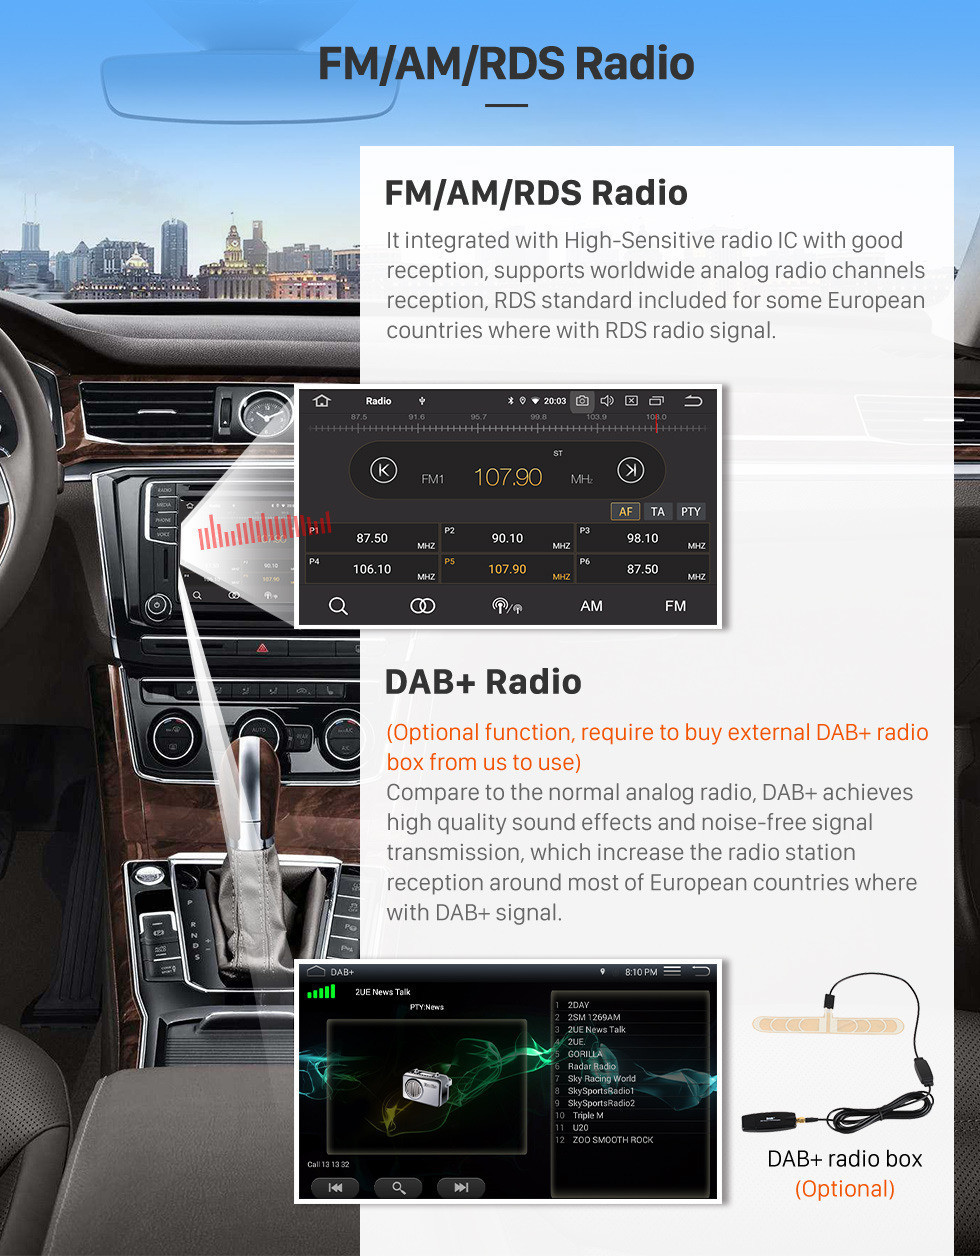 Seicane 2005-2012 BMW Série 3 E90 E91 E92 E93 316i 318i 320i 320si 323i 325i 328i 330i 335i 335is M3 316d 318d 320d 325d 330d 335d Manual Air Android 9.0 Bluetooth Rádio Rádio Leitor de DVD Suporte da unidade Cabeça GPS Navi HD Tela sensível ao toque Câmera trase